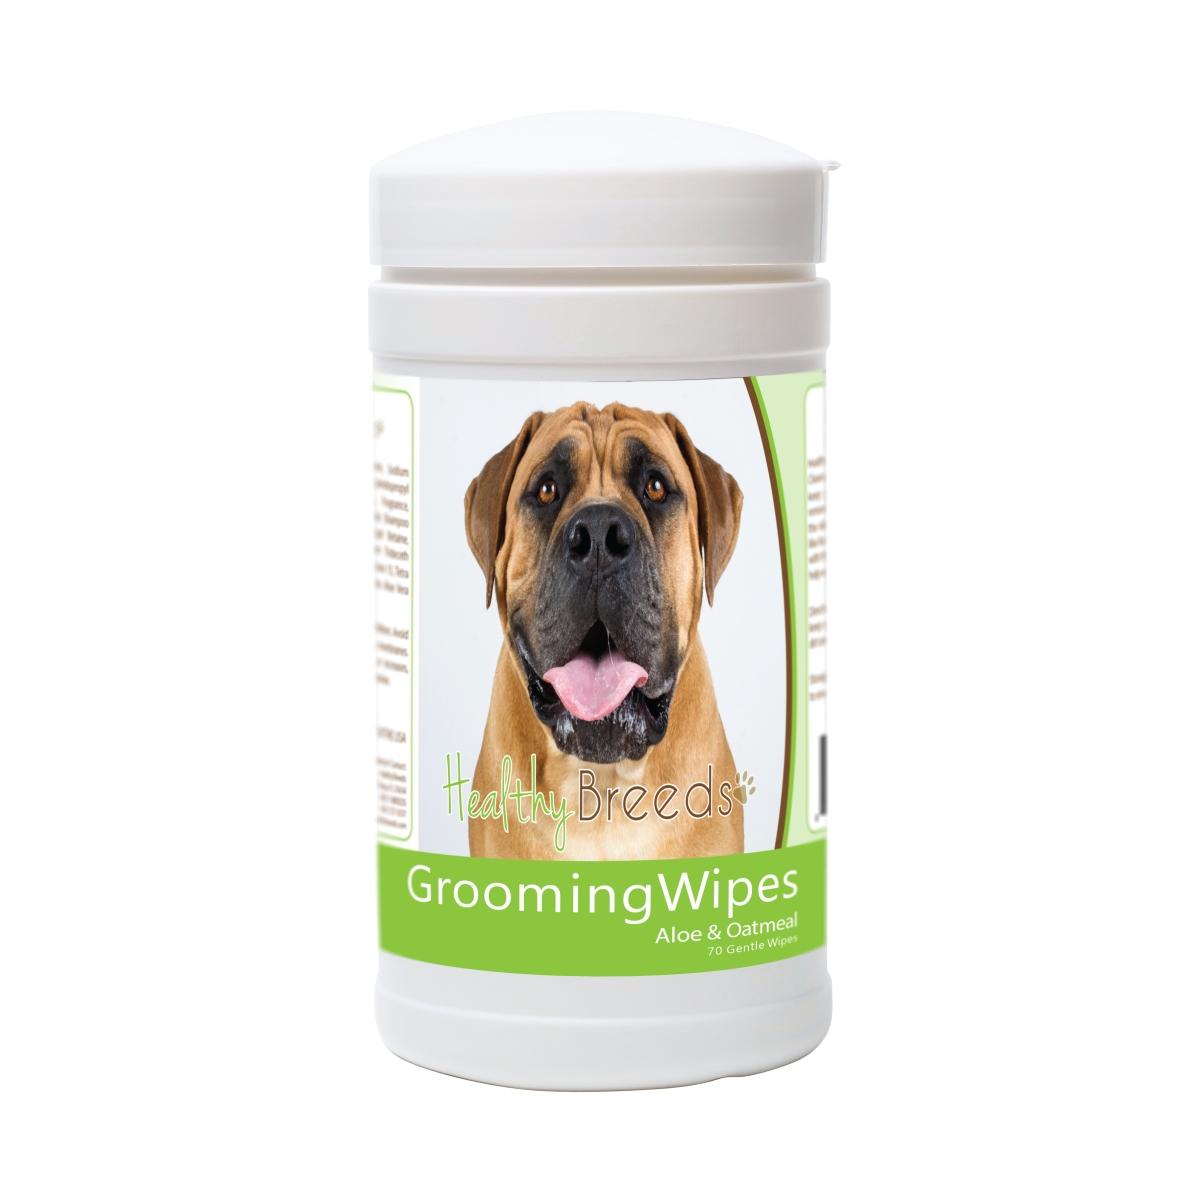 Healthy Breeds 840235178002 Boerboel Grooming Wipes - 70 Count